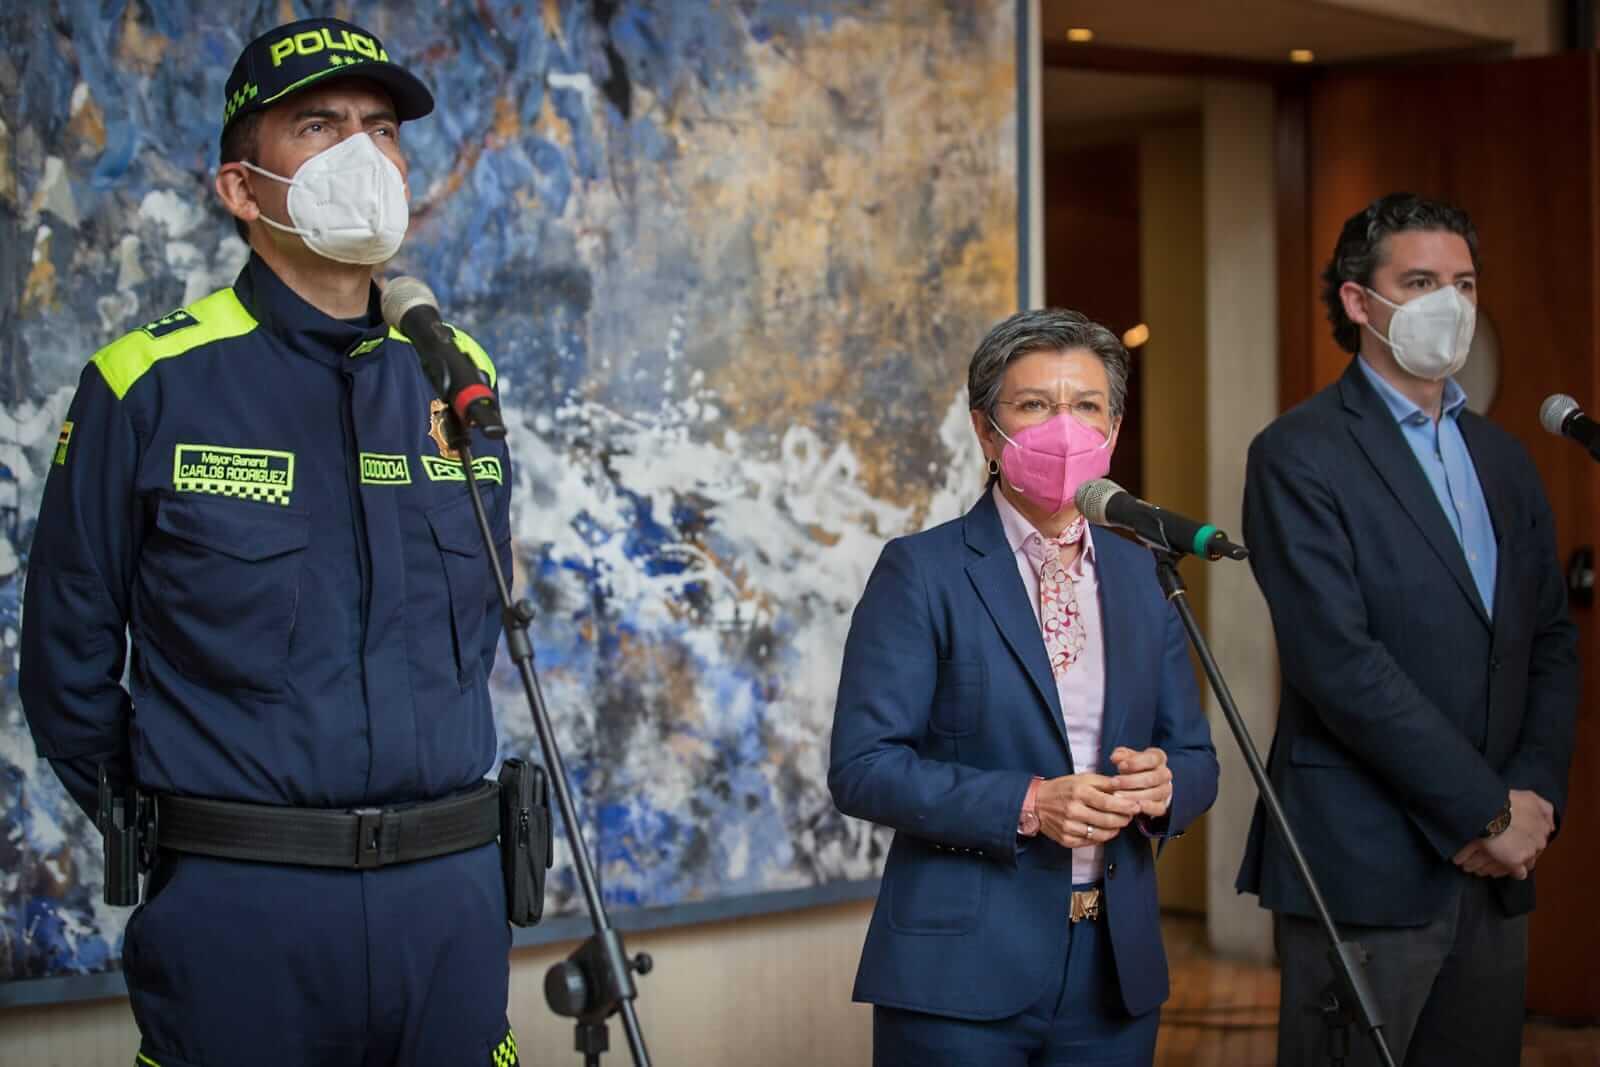 Comando especial de policía ymigrantes se crea en Bogotá para combatir la criminalidad